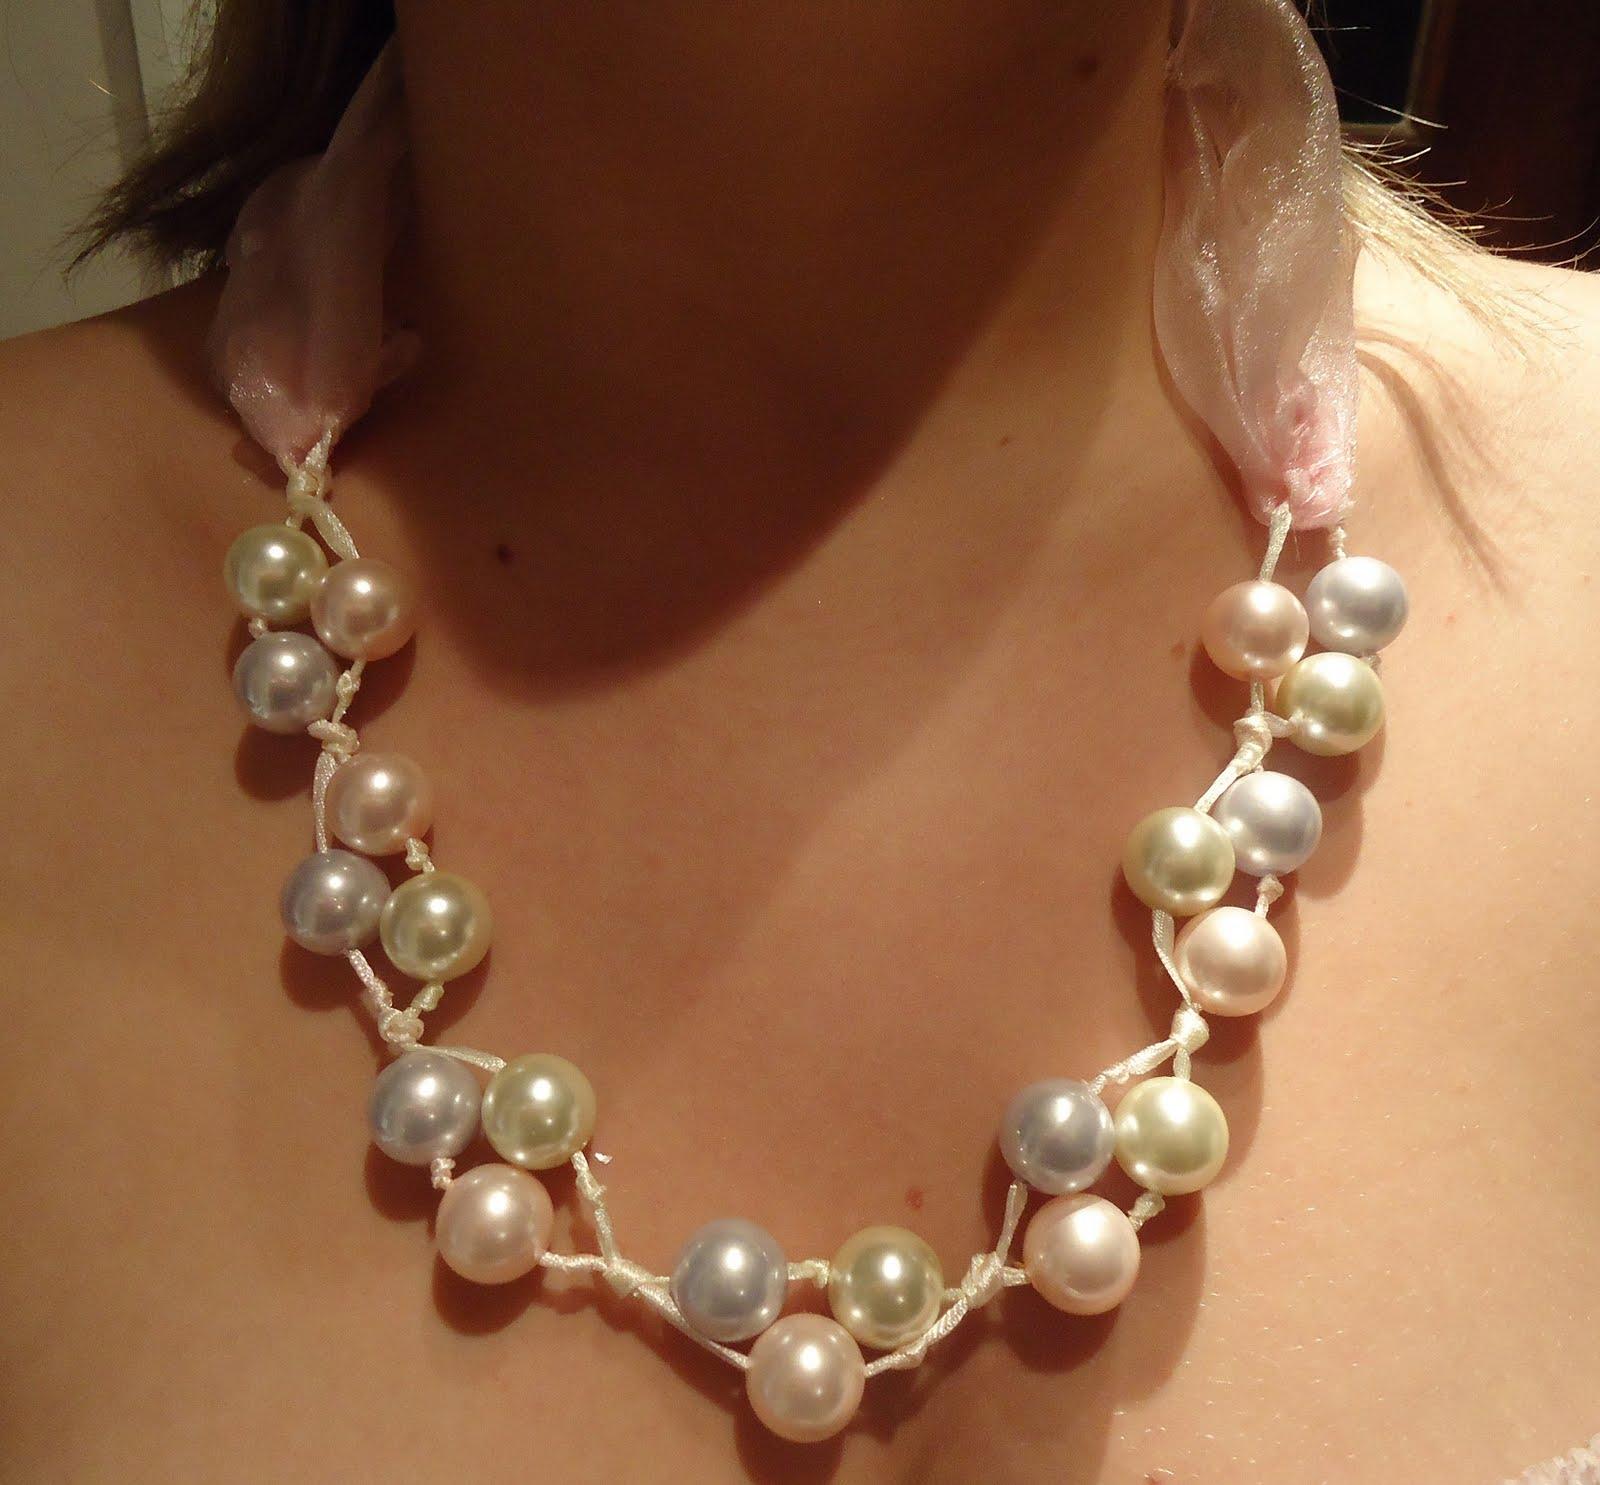 Ожерелье с бусинами своими руками фото 485